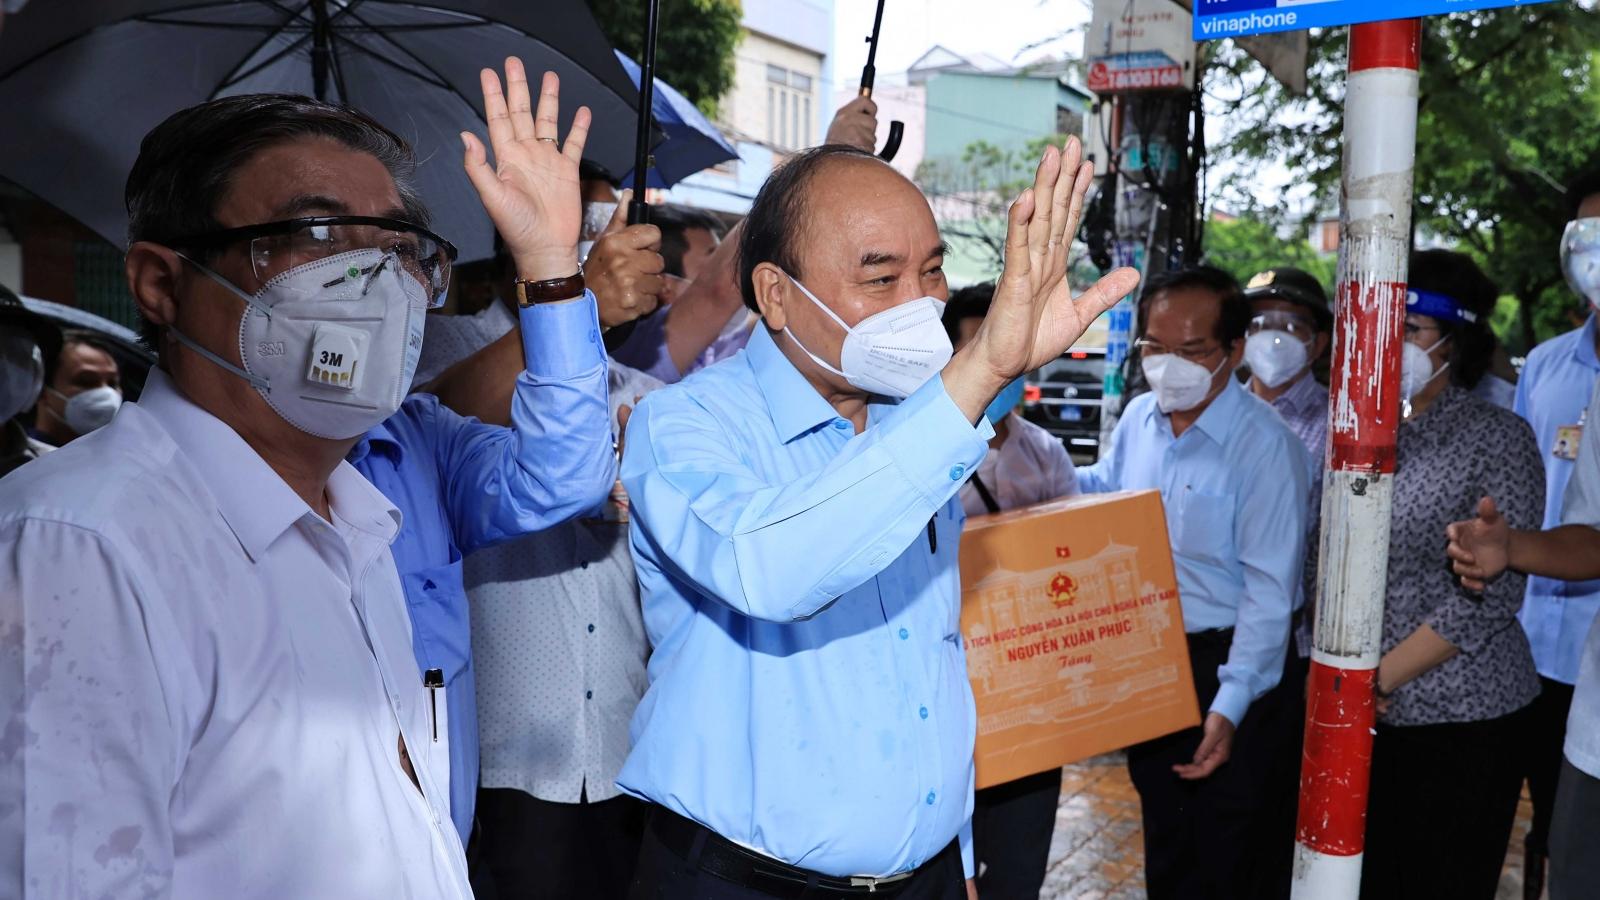 Chủ tịch nước thăm hỏi, động viên nhân dân TP.HCM đoàn kết chống dịch